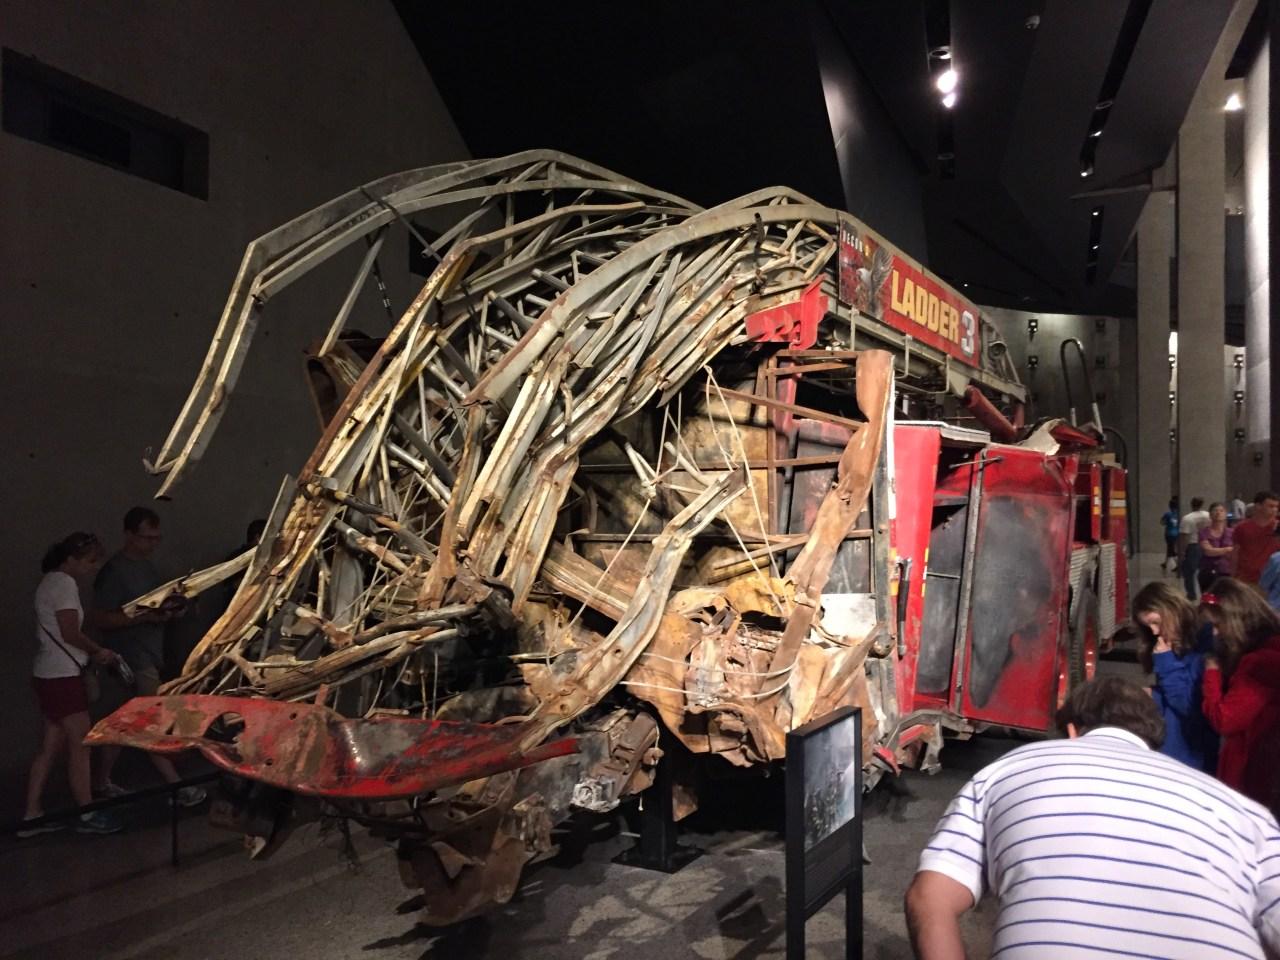 911 memorial/museum.